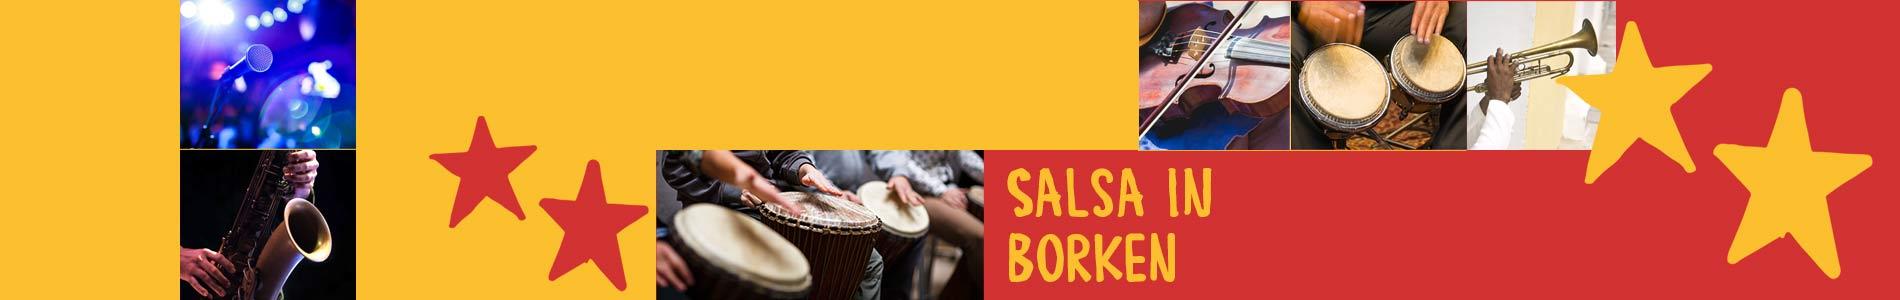 Salsa in Borken – Salsa lernen und tanzen, Tanzkurse, Partys, Veranstaltungen